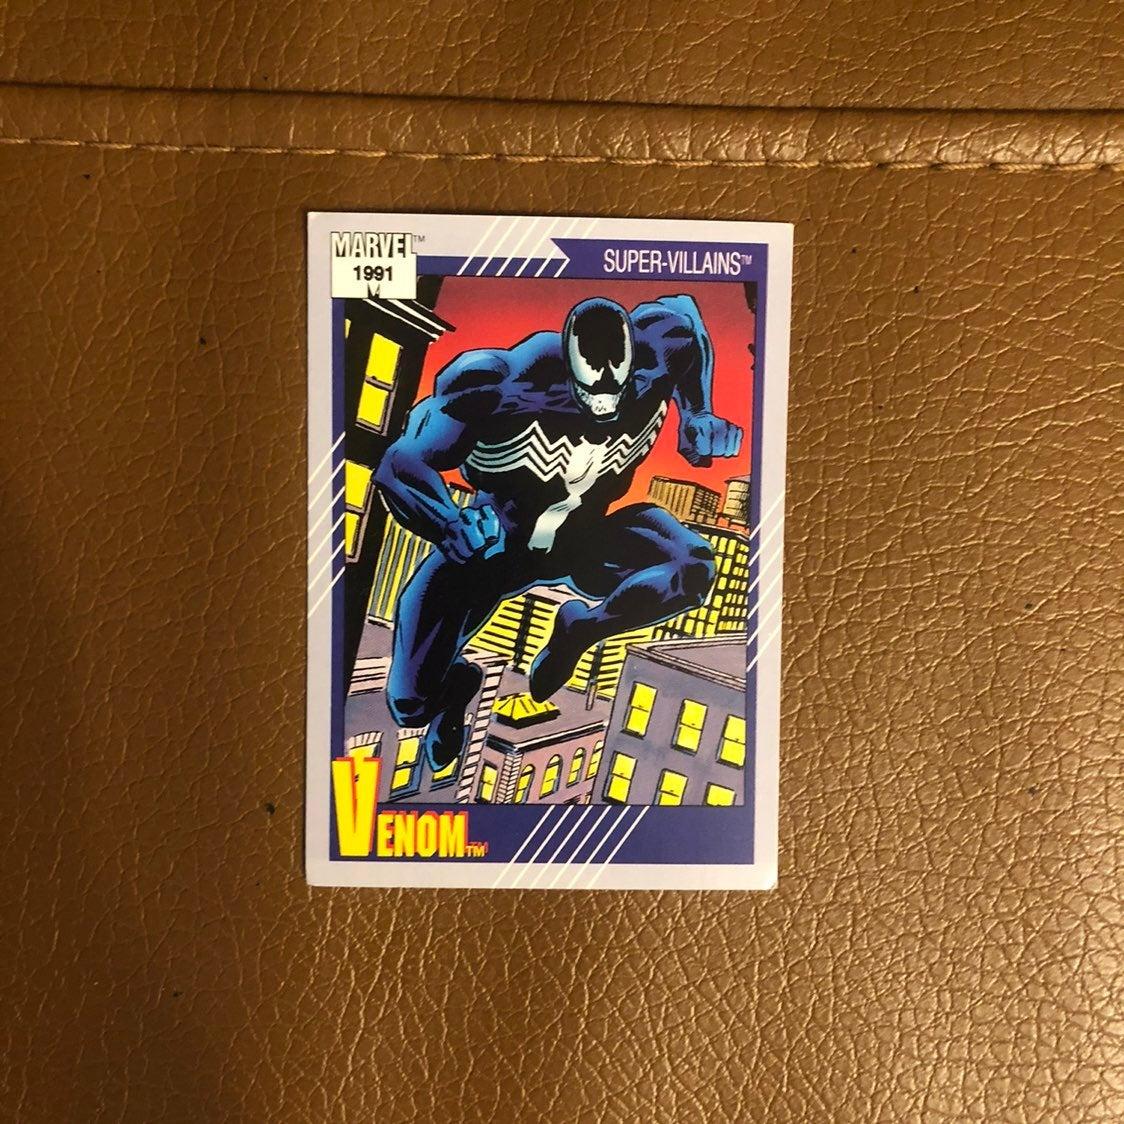 Marvel series 2 1991 Venom card Impel